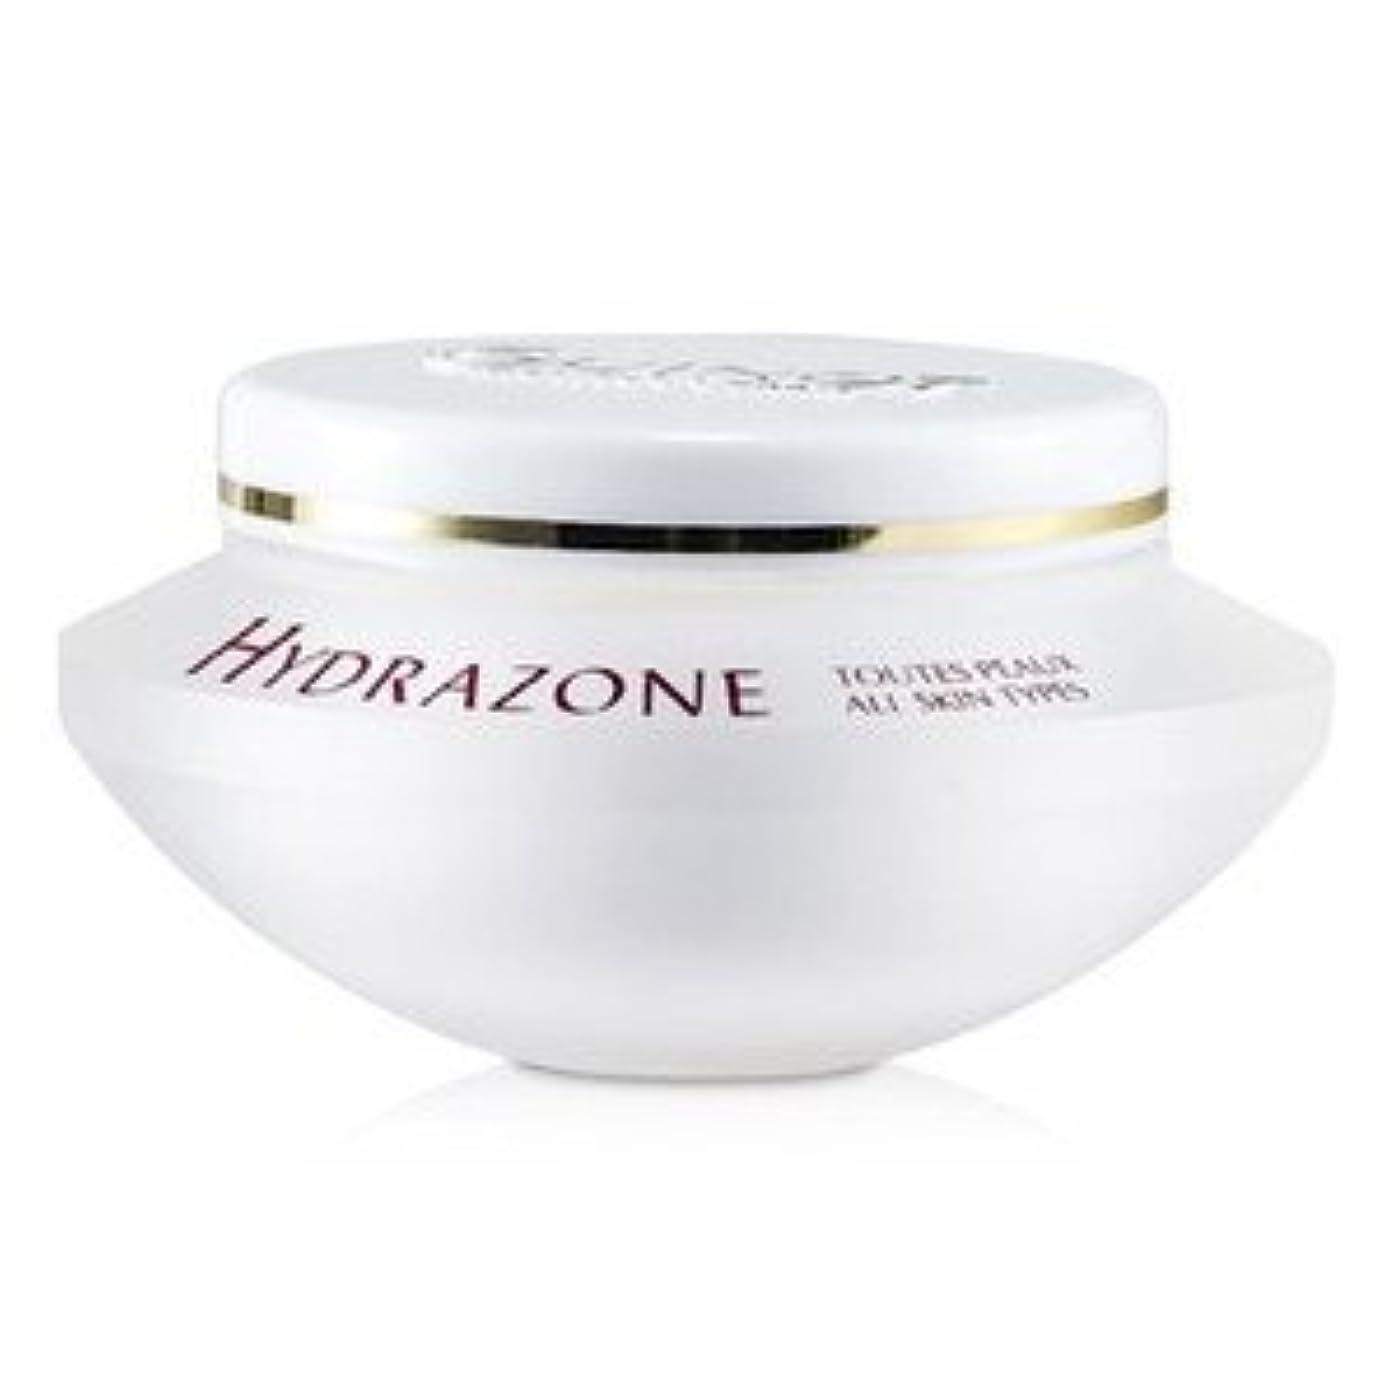 セットするスズメバチ遺跡Guinot Hydrazone toutes peaux moisturizing cream all skin types [並行輸入品]